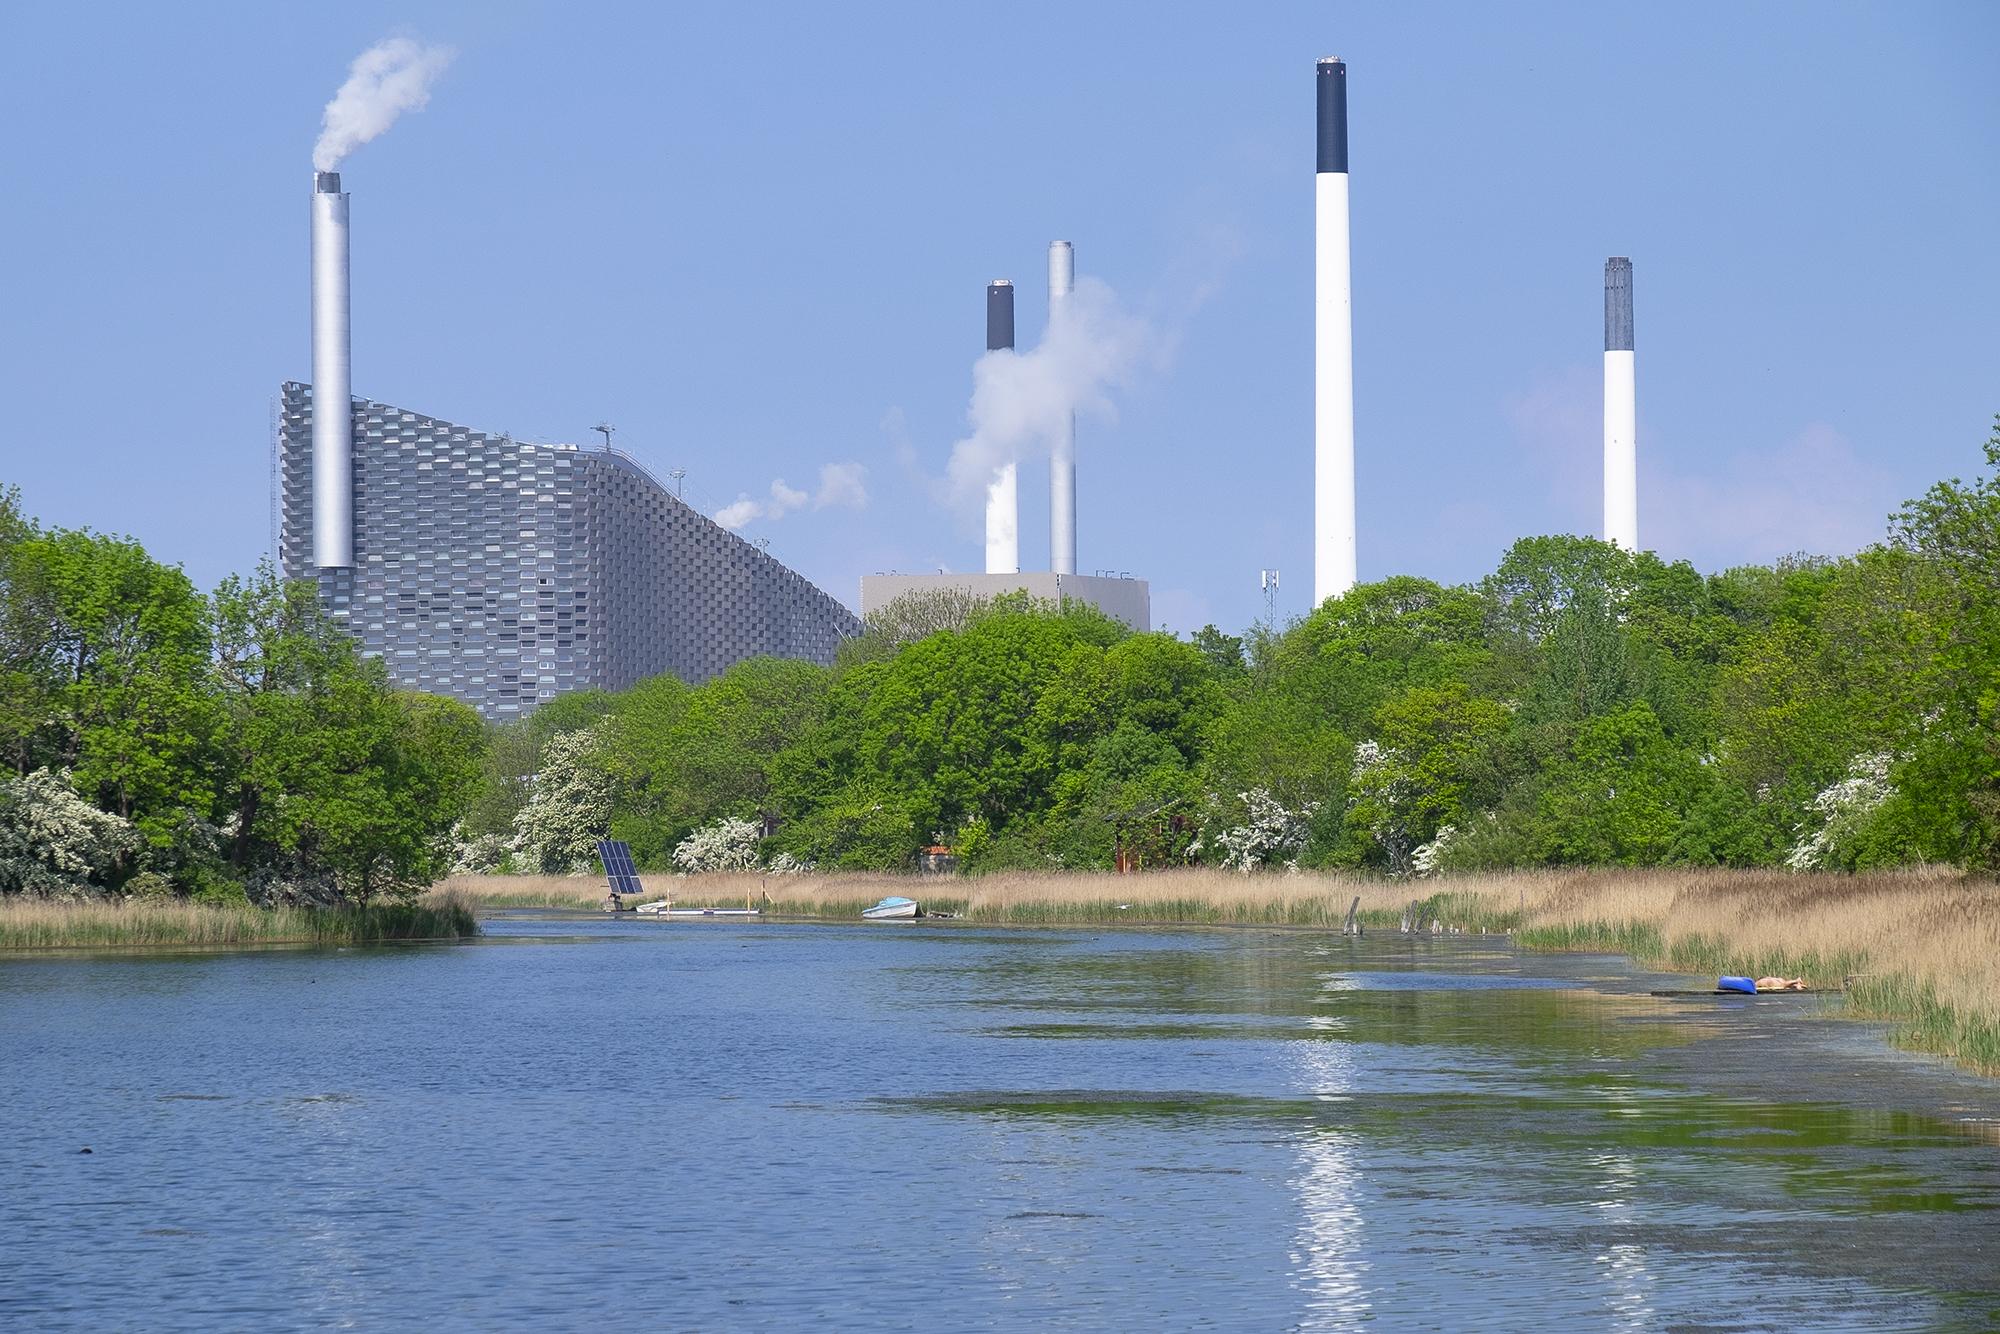 Дания Копенгаген завод вид с пруда.jpg